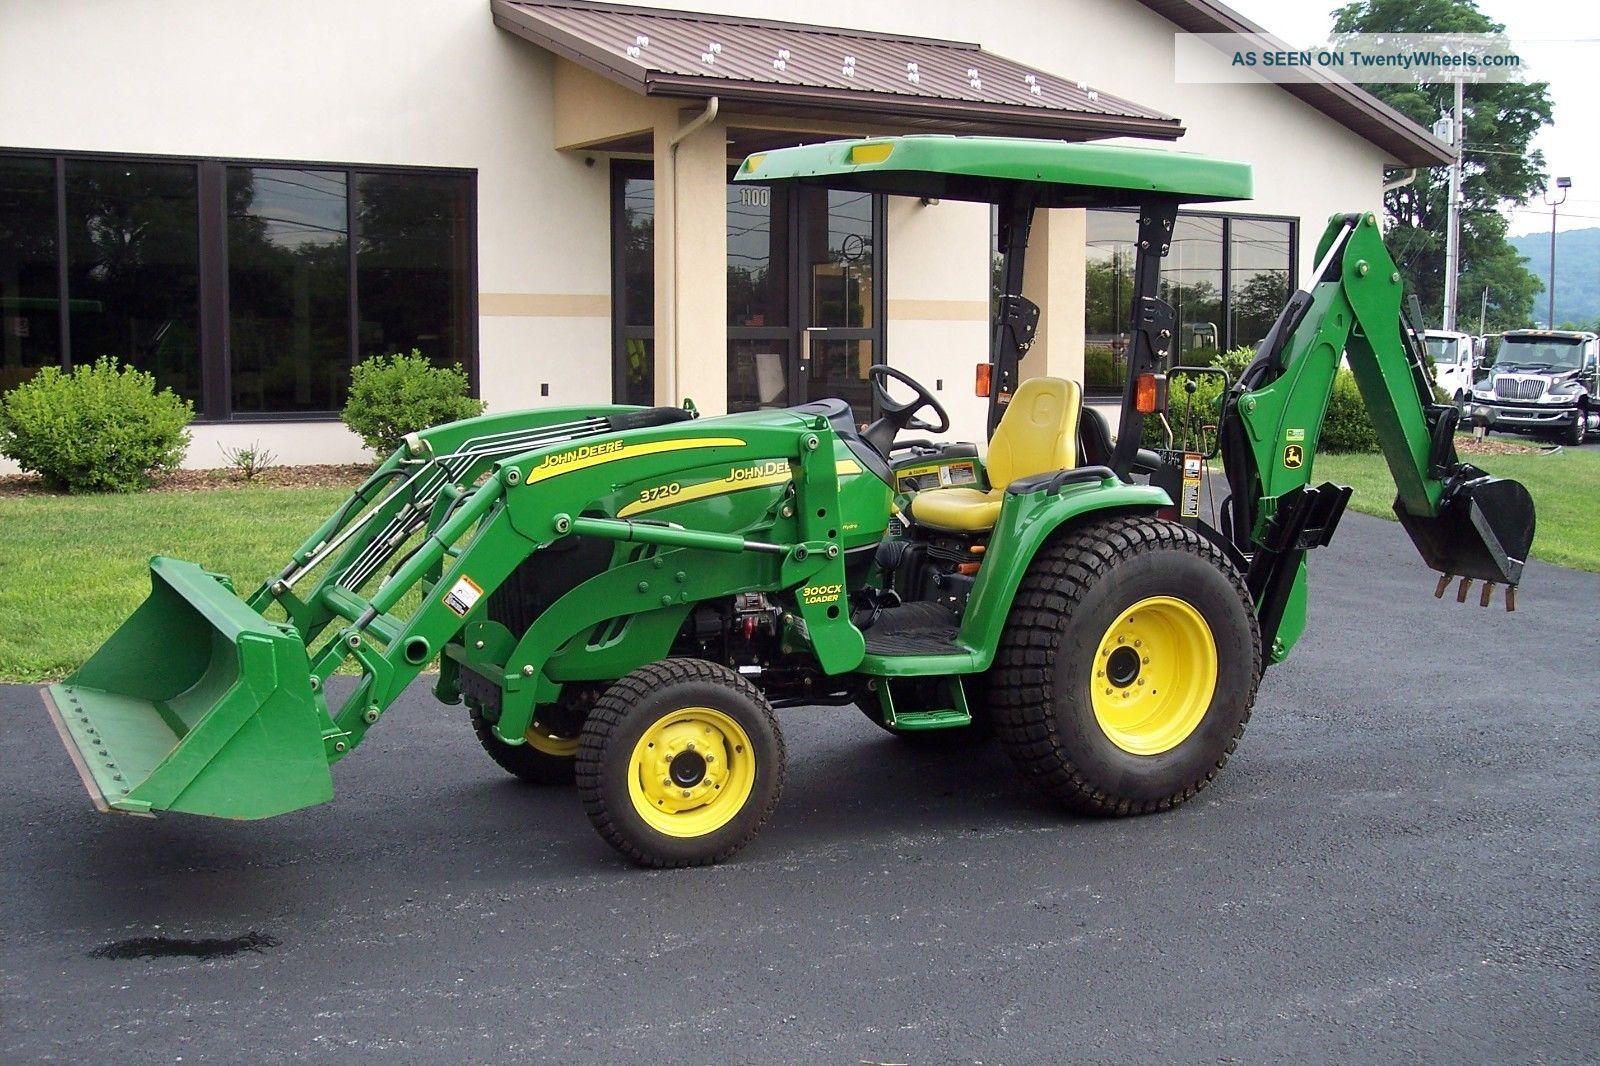 John Deere 3720 Attachments : John deere tractor